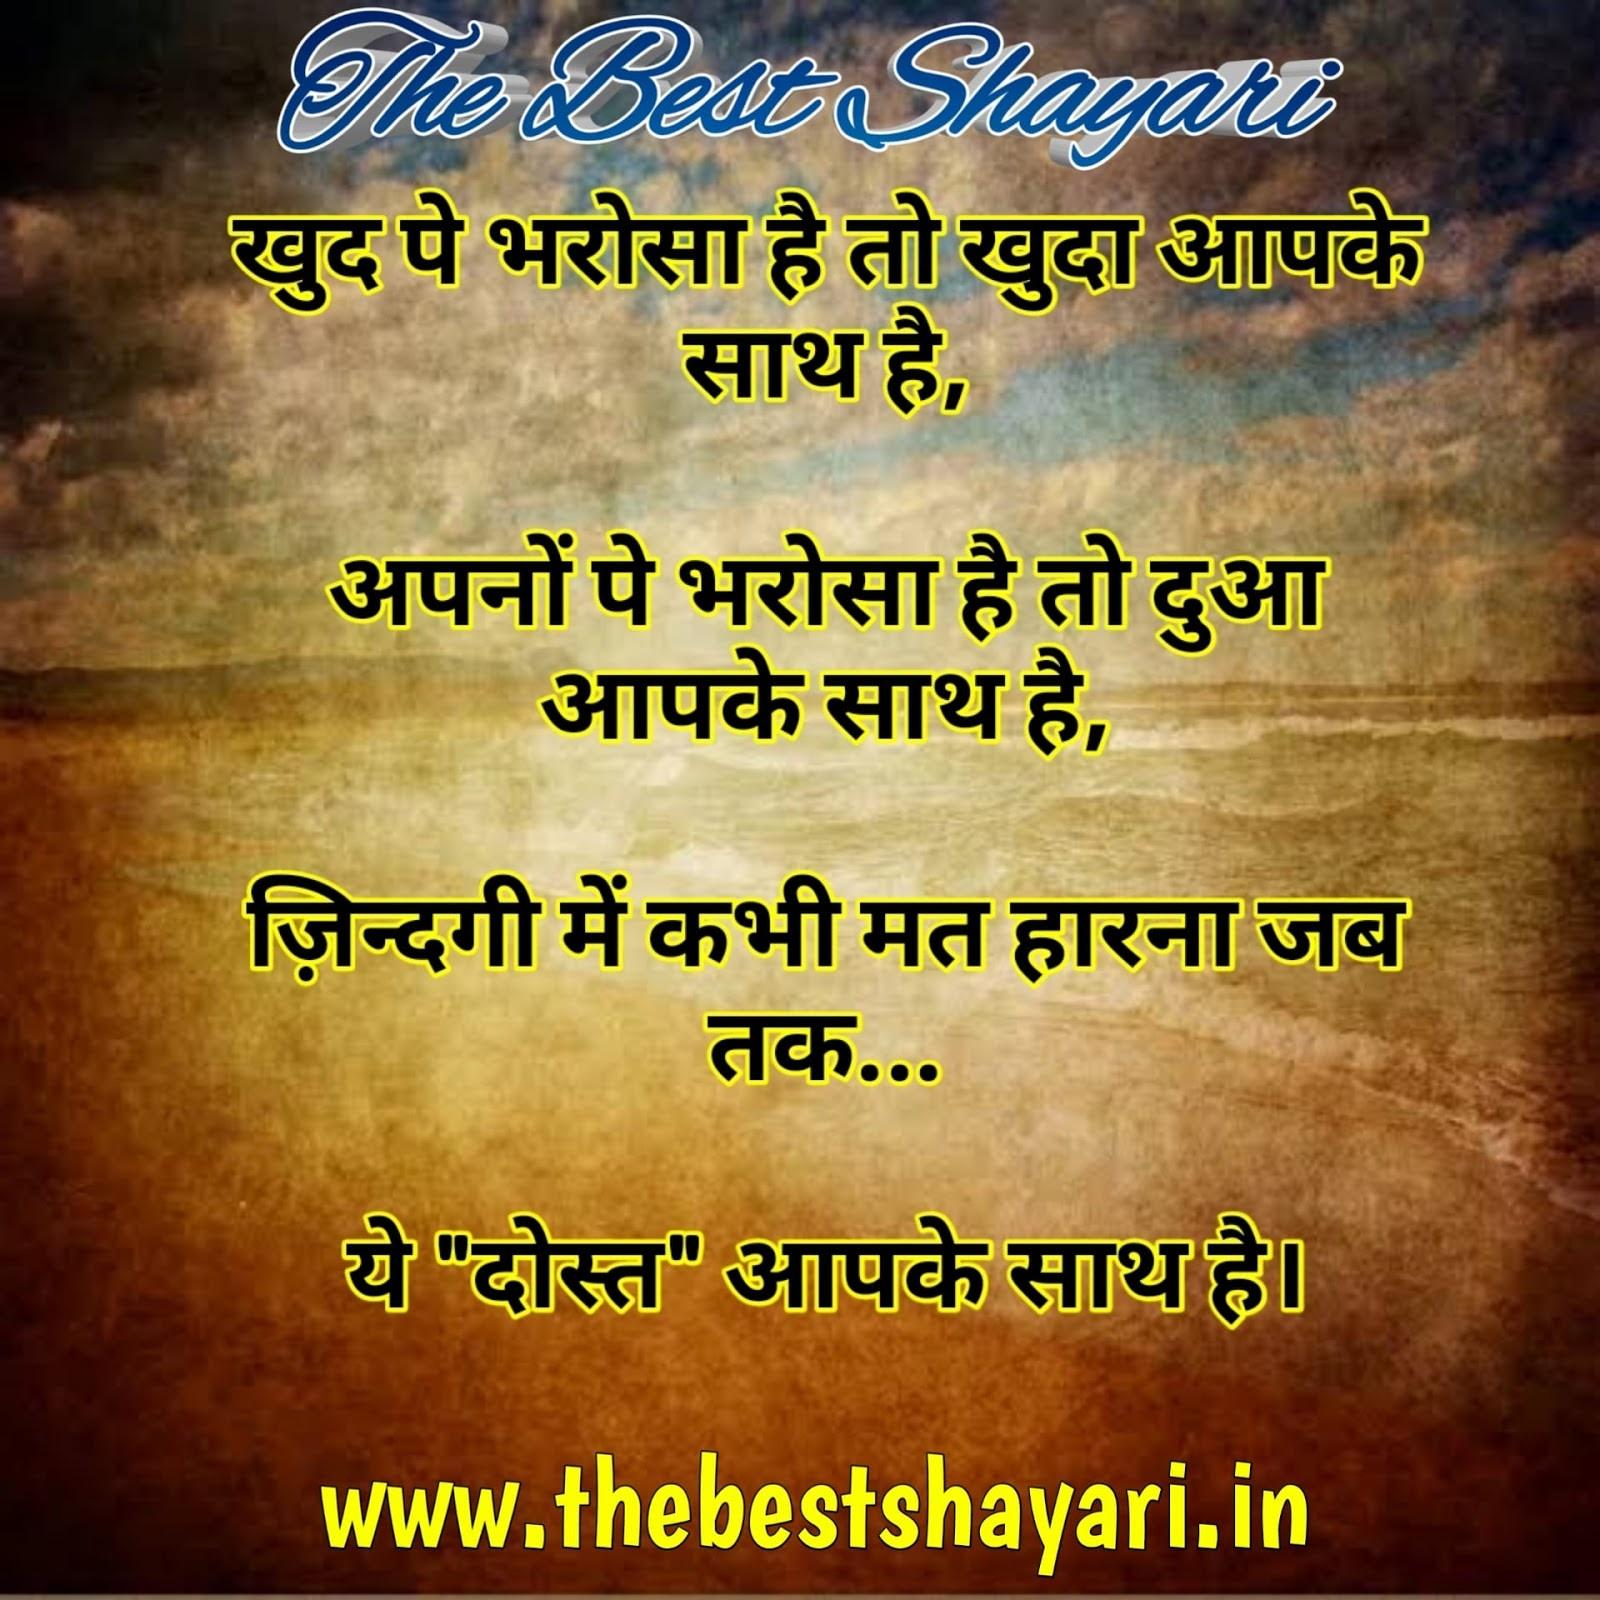 Shayari for dosti in Hindi